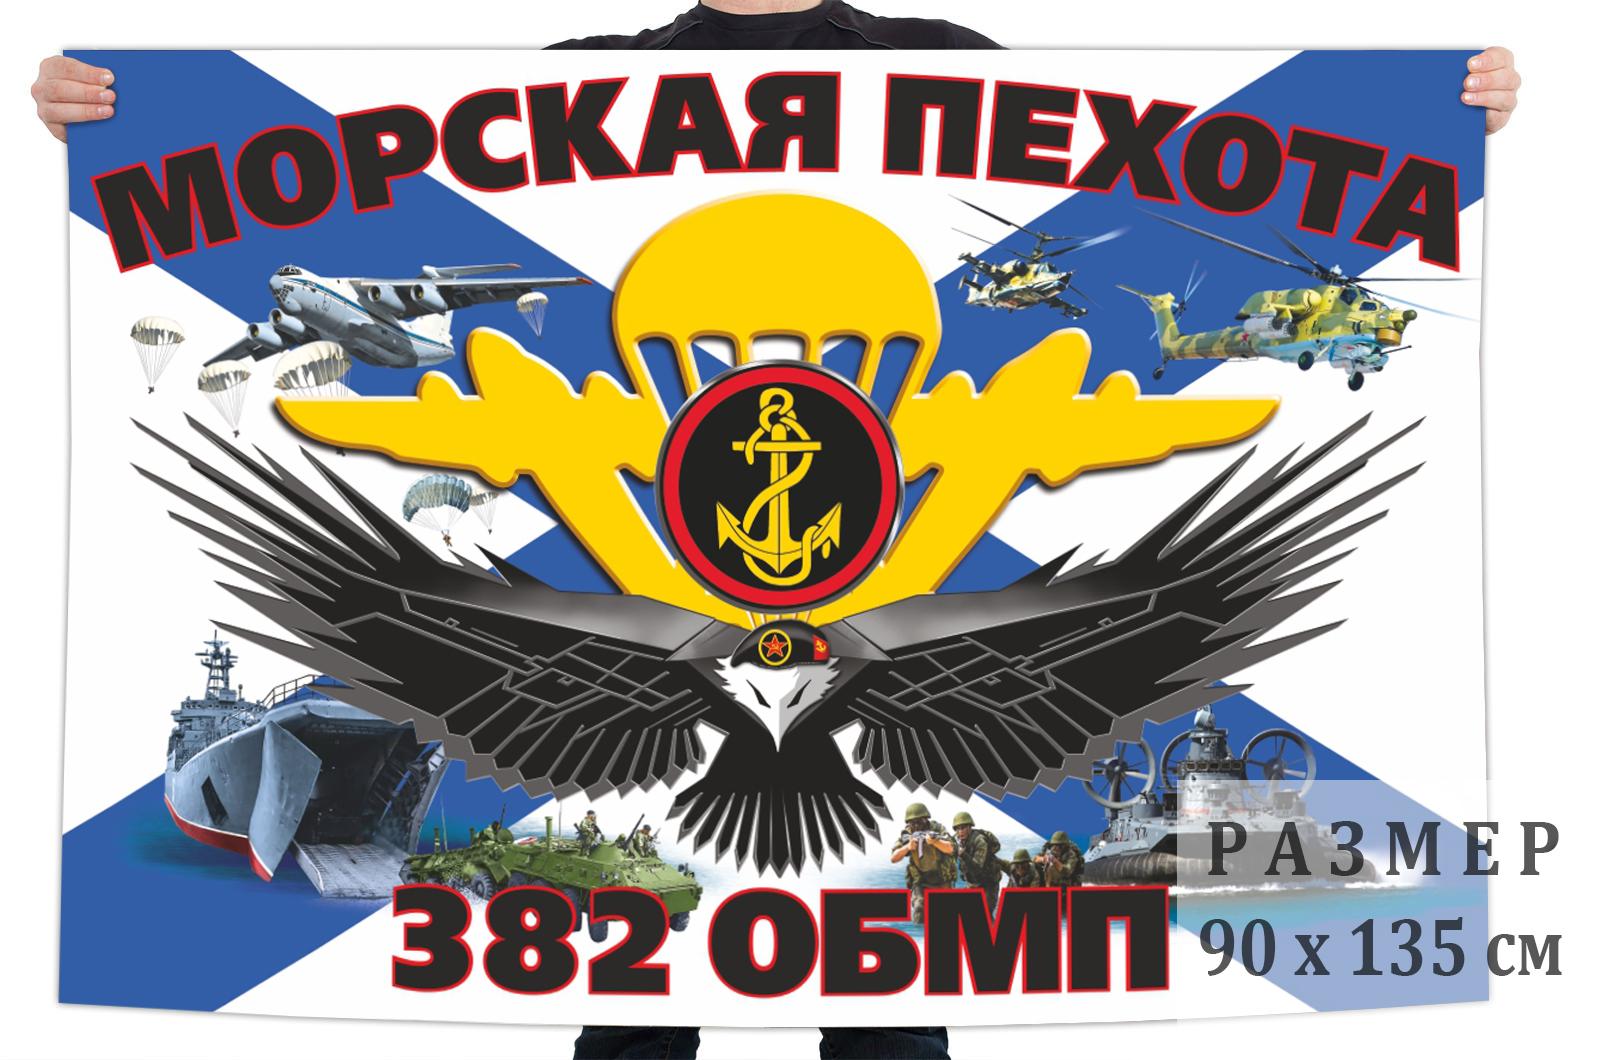 Флаг 382 отдельного батальона морской пехоты